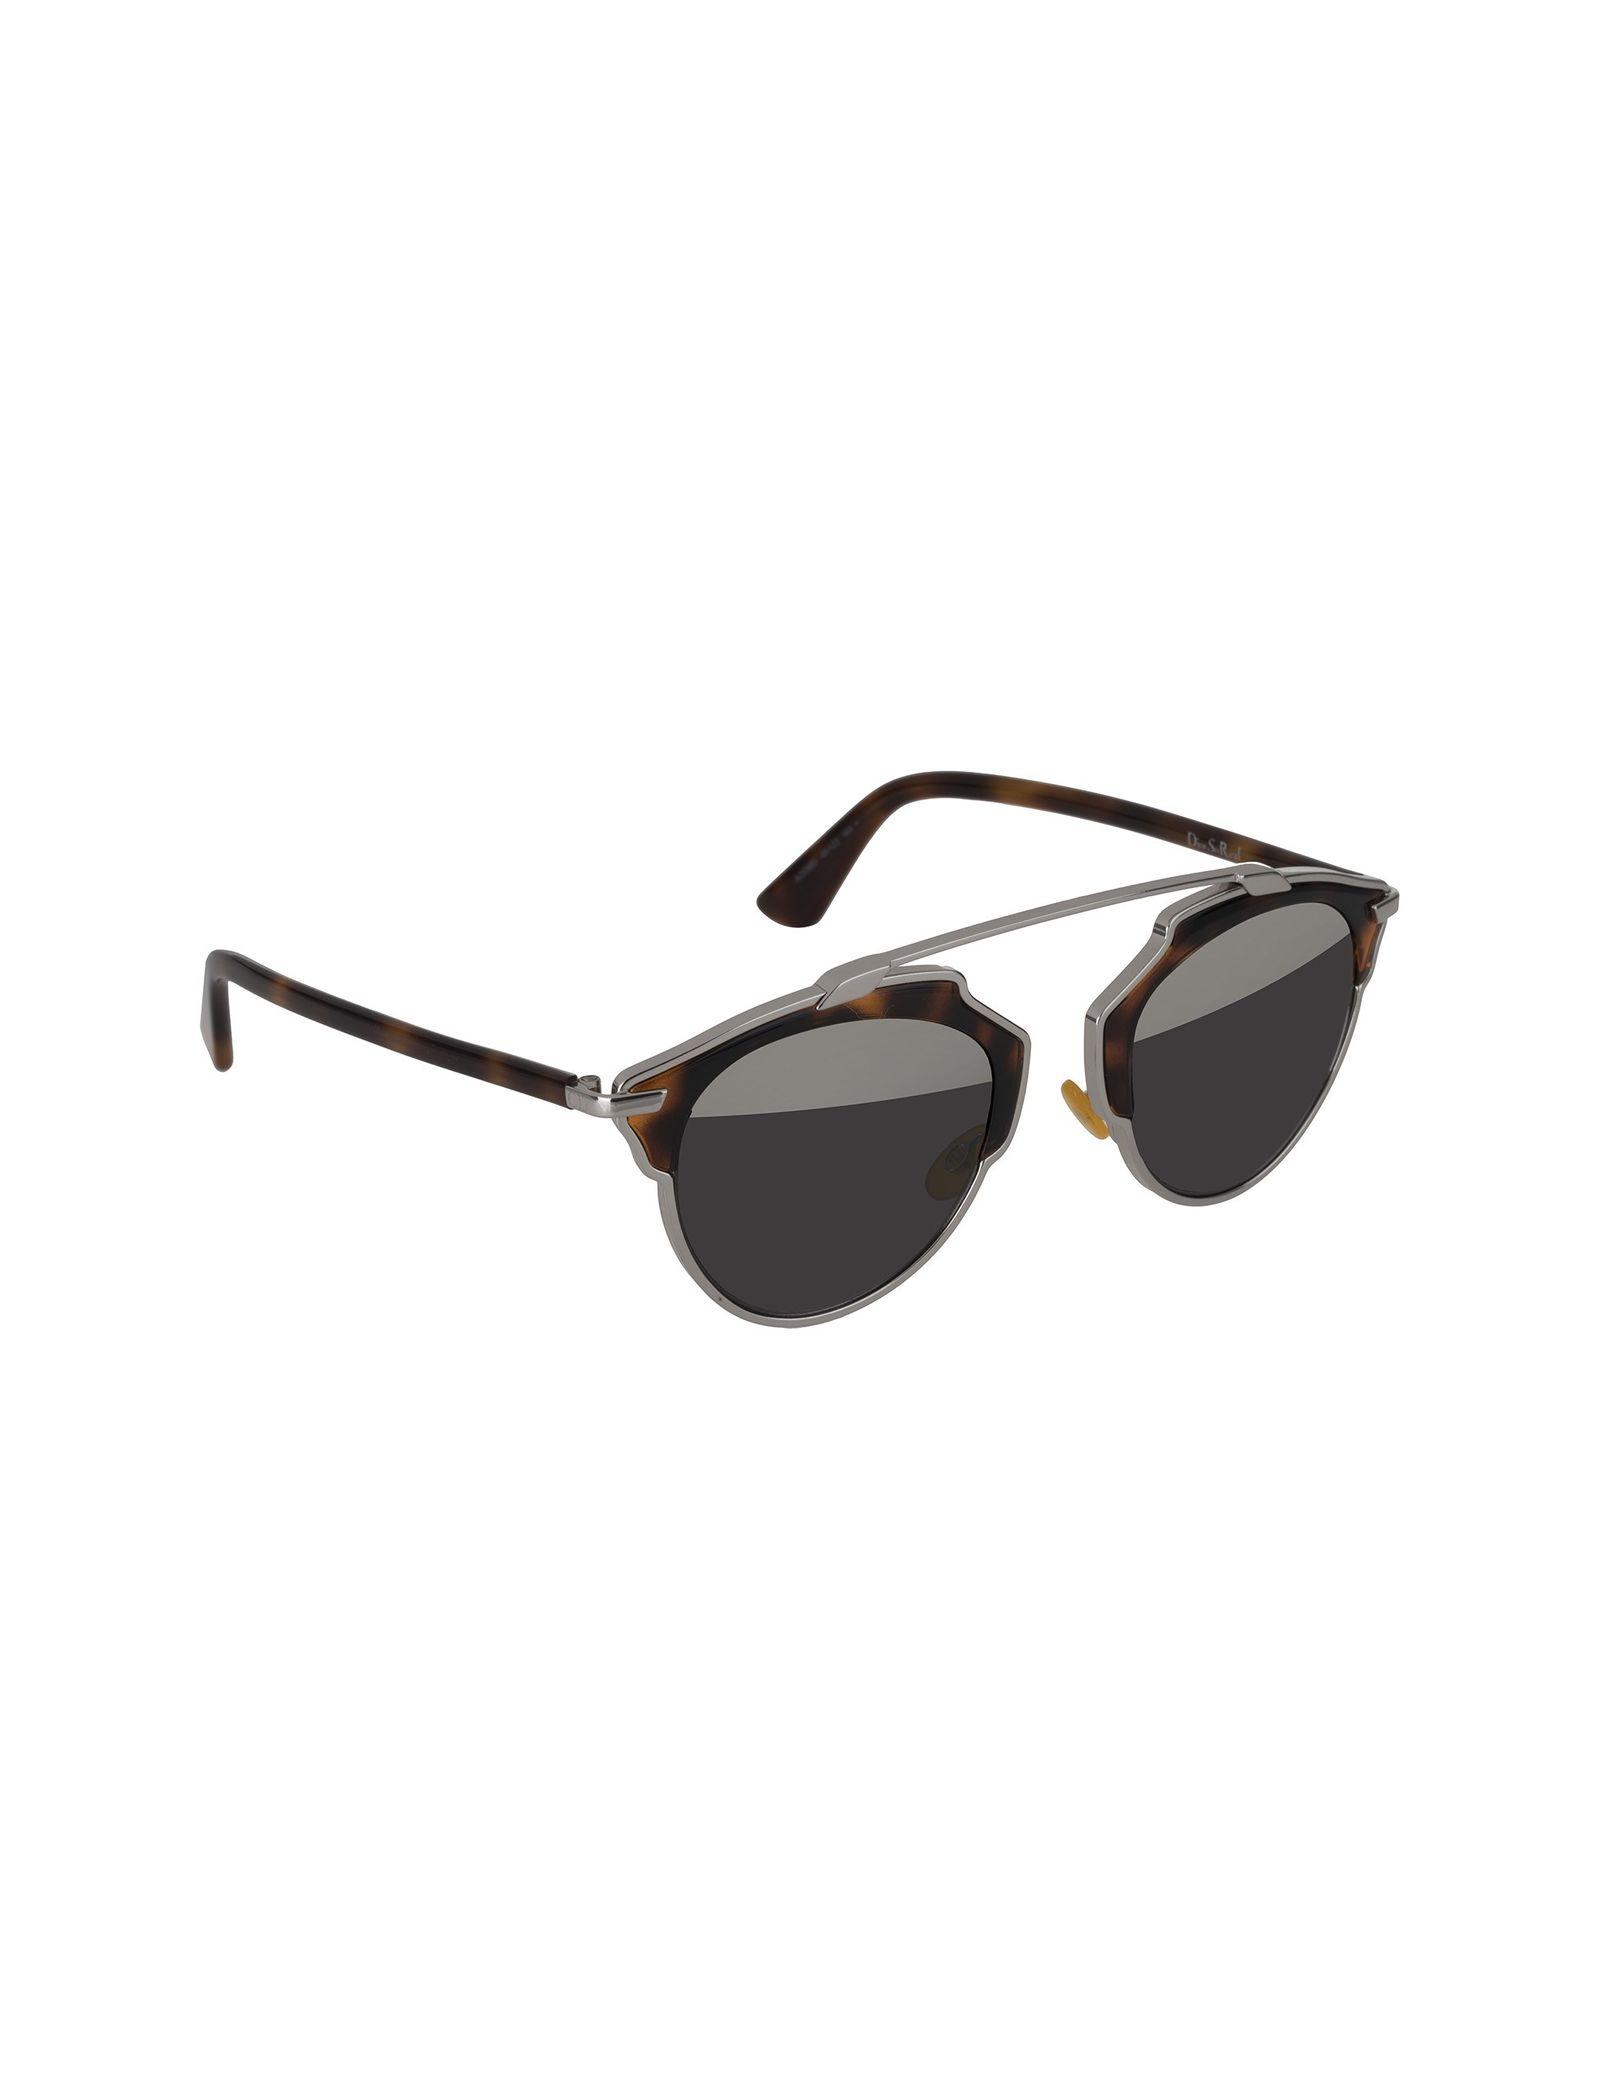 عینک آفتابی پنتوس زنانه - دیور - قهوه اي  - 2